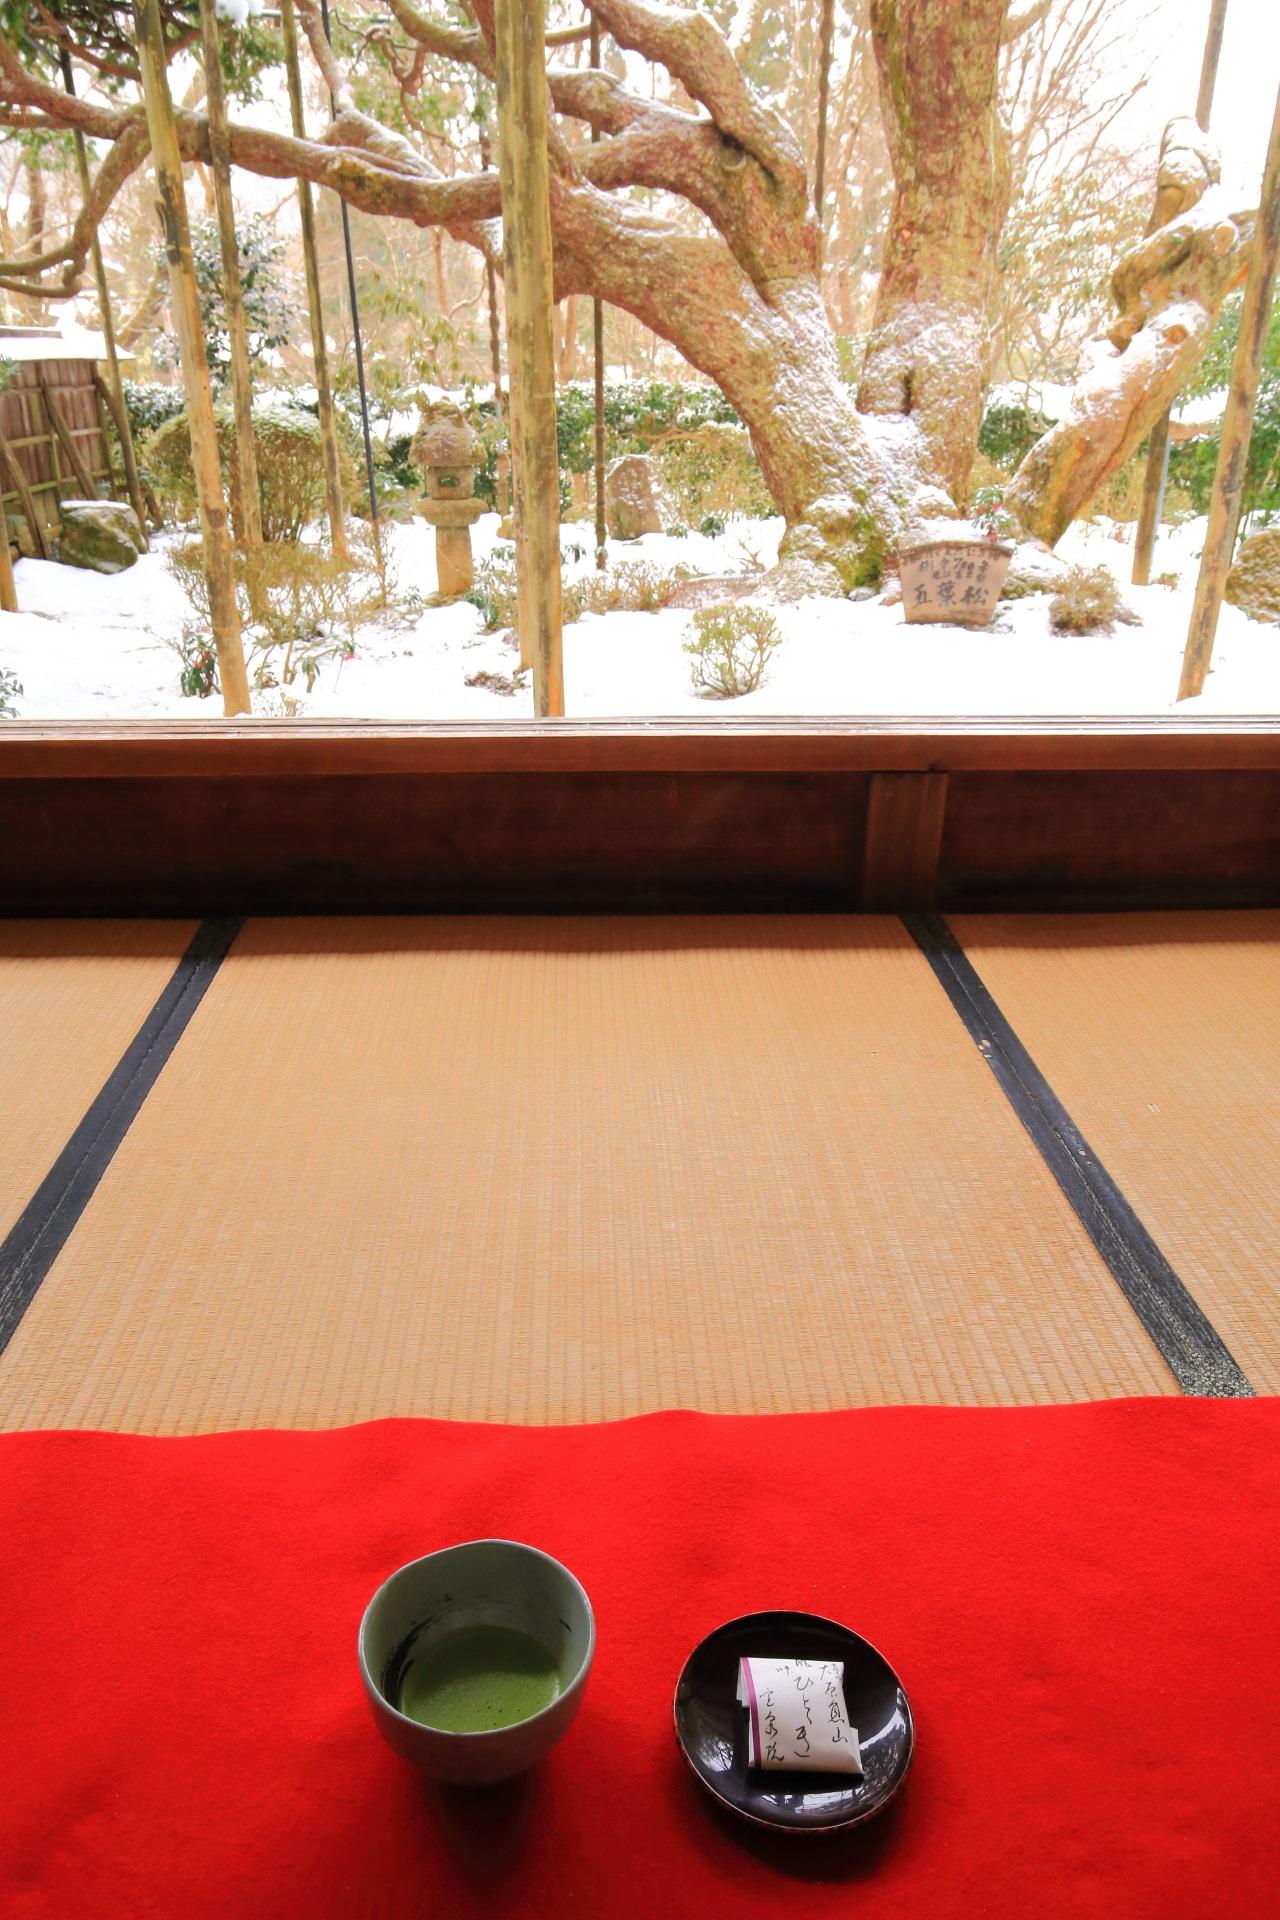 大原宝泉院の雪の額縁庭園と抹茶